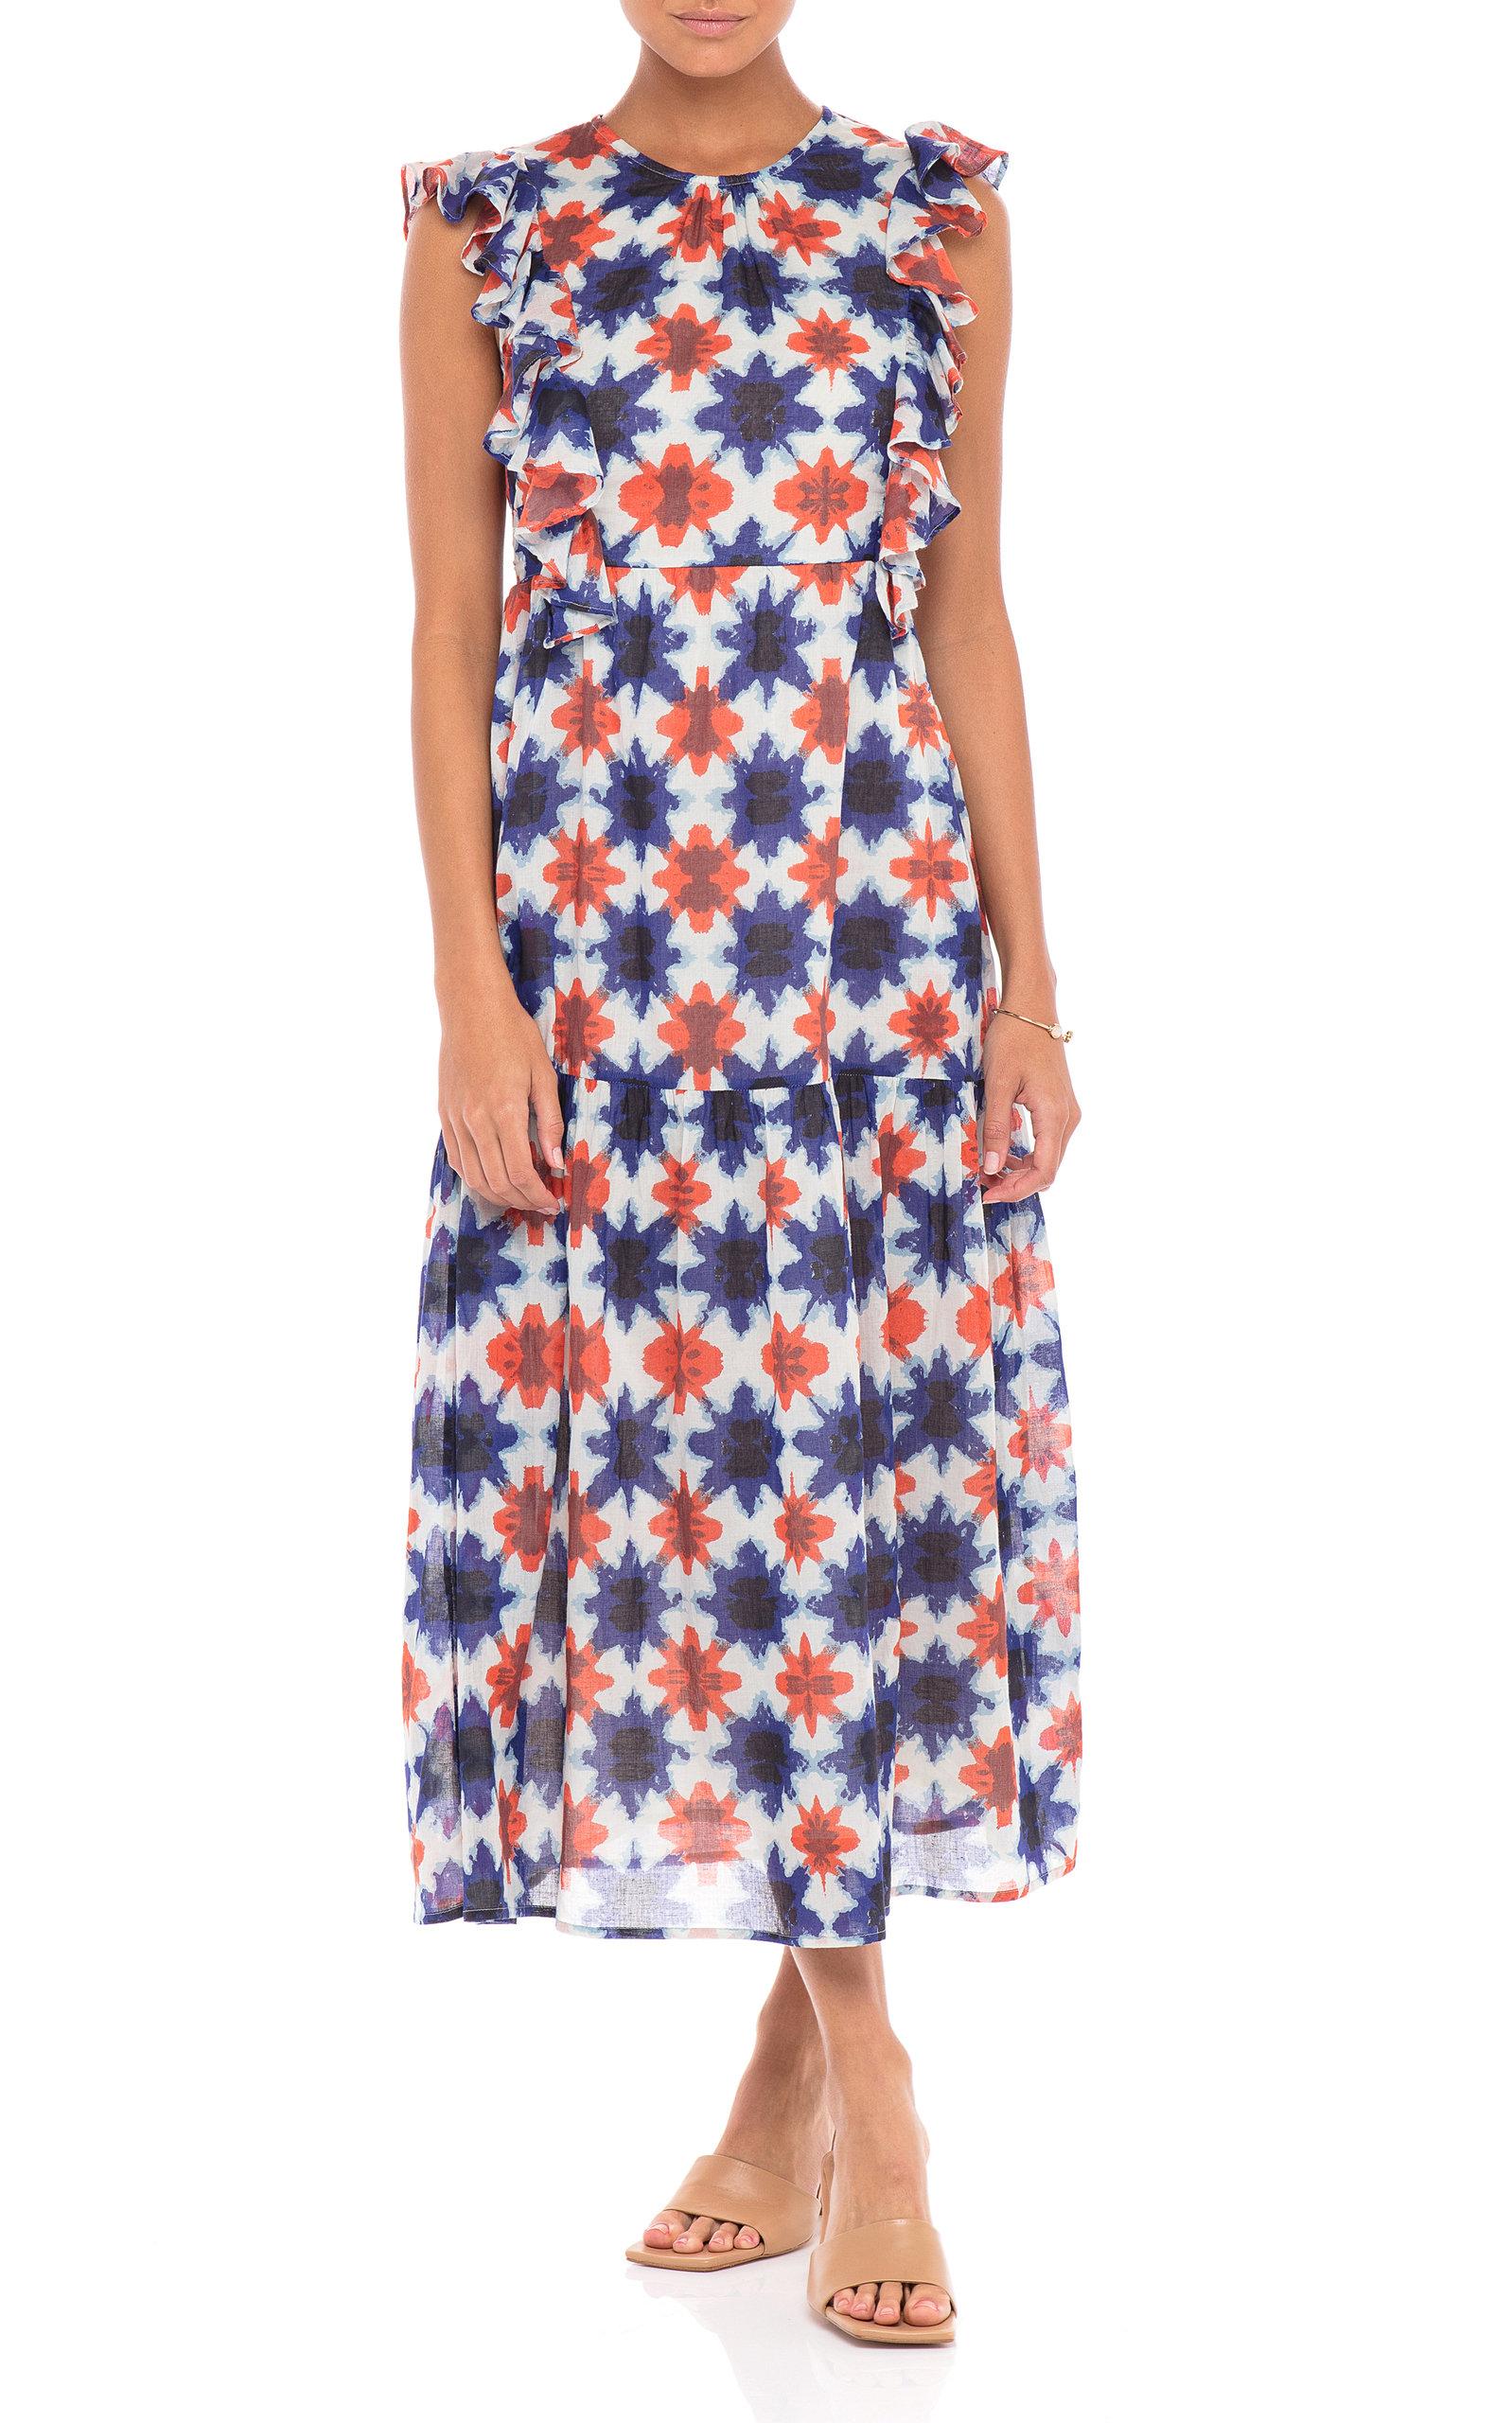 Banjanan - Women's Luna Cotton Voile Dress - Print - Moda Operandi